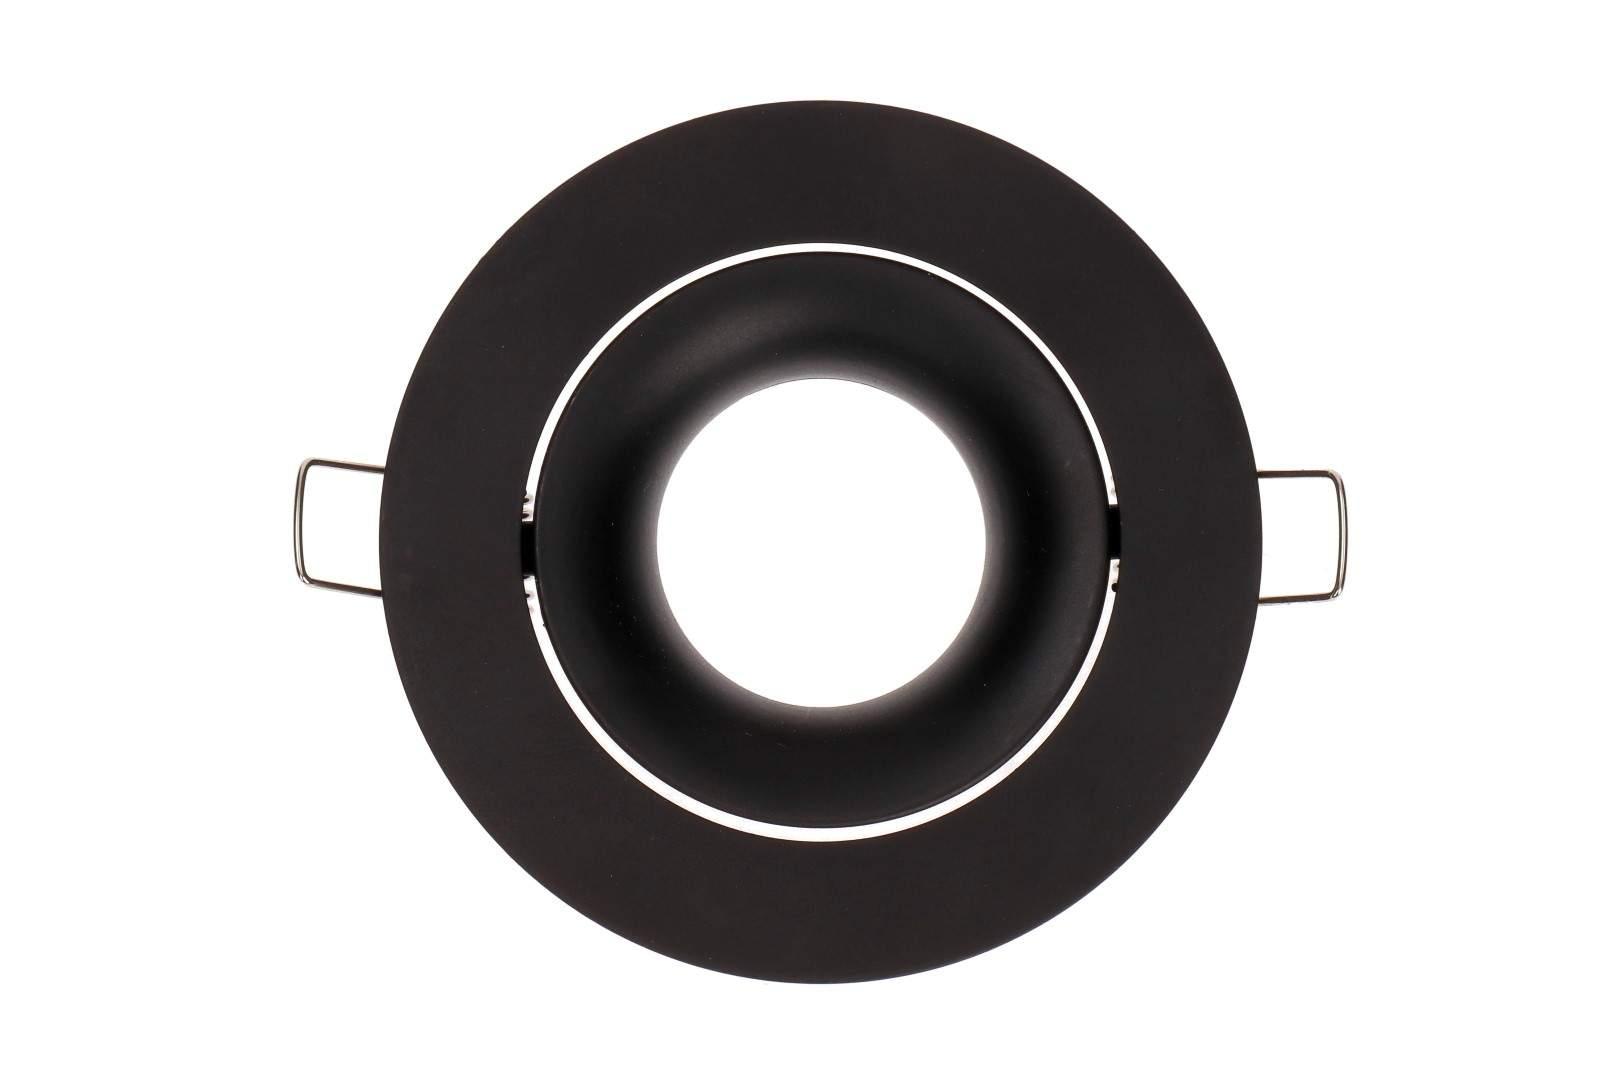 Luminaire frame Luminaire frame BCR 1 black round